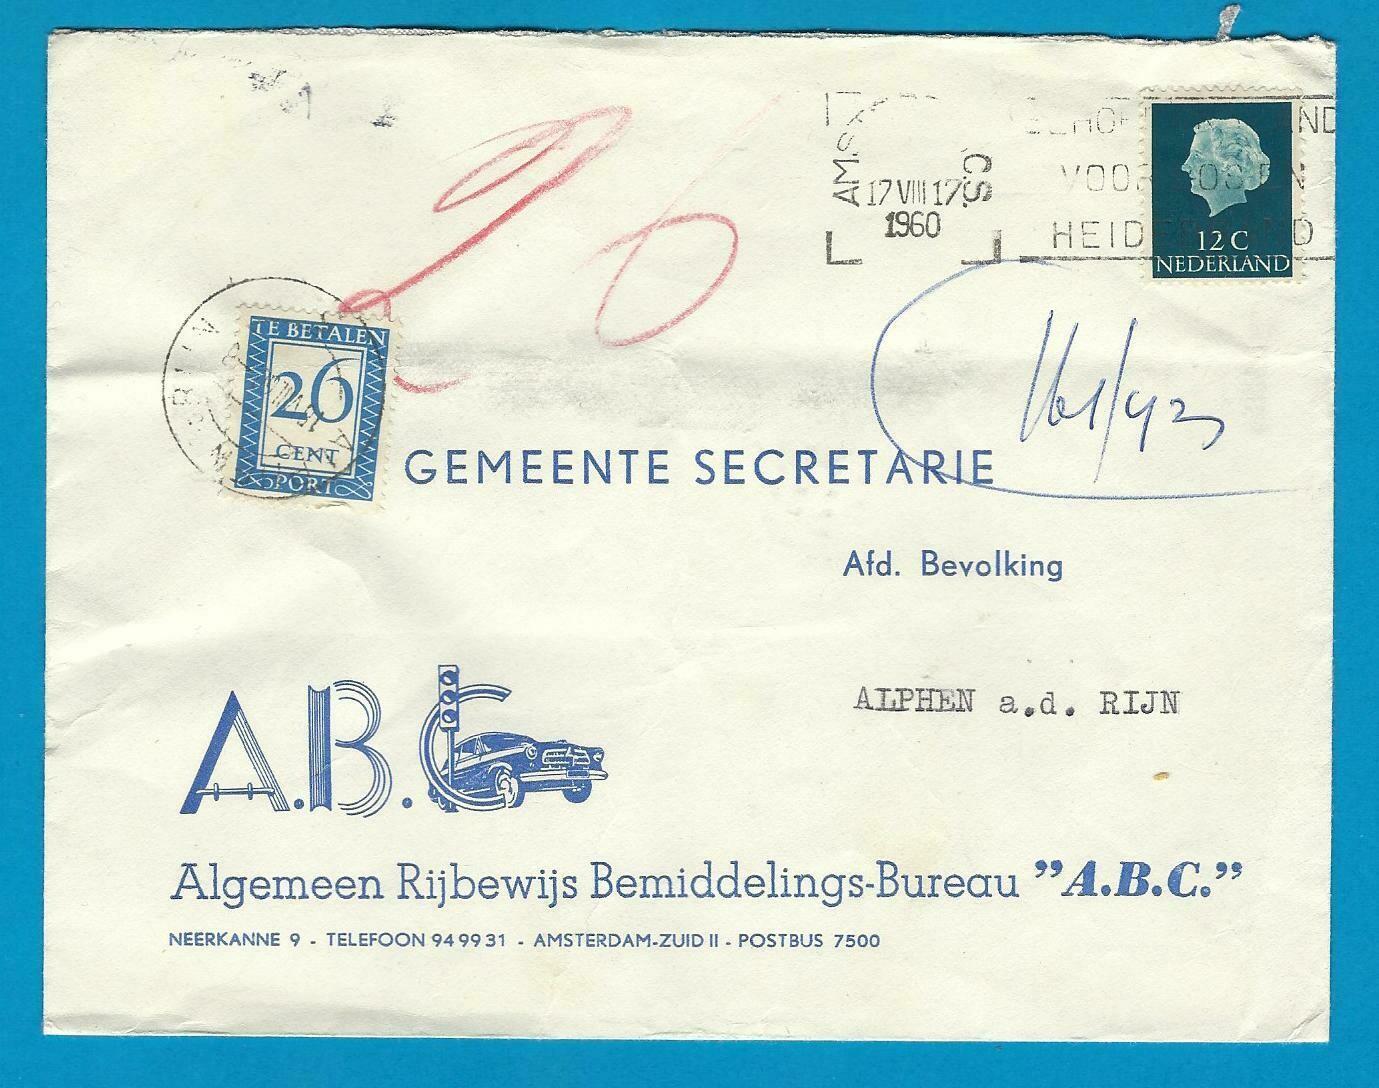 NEDERLAND brief 1960 Amsterdam naar Alphen en beport